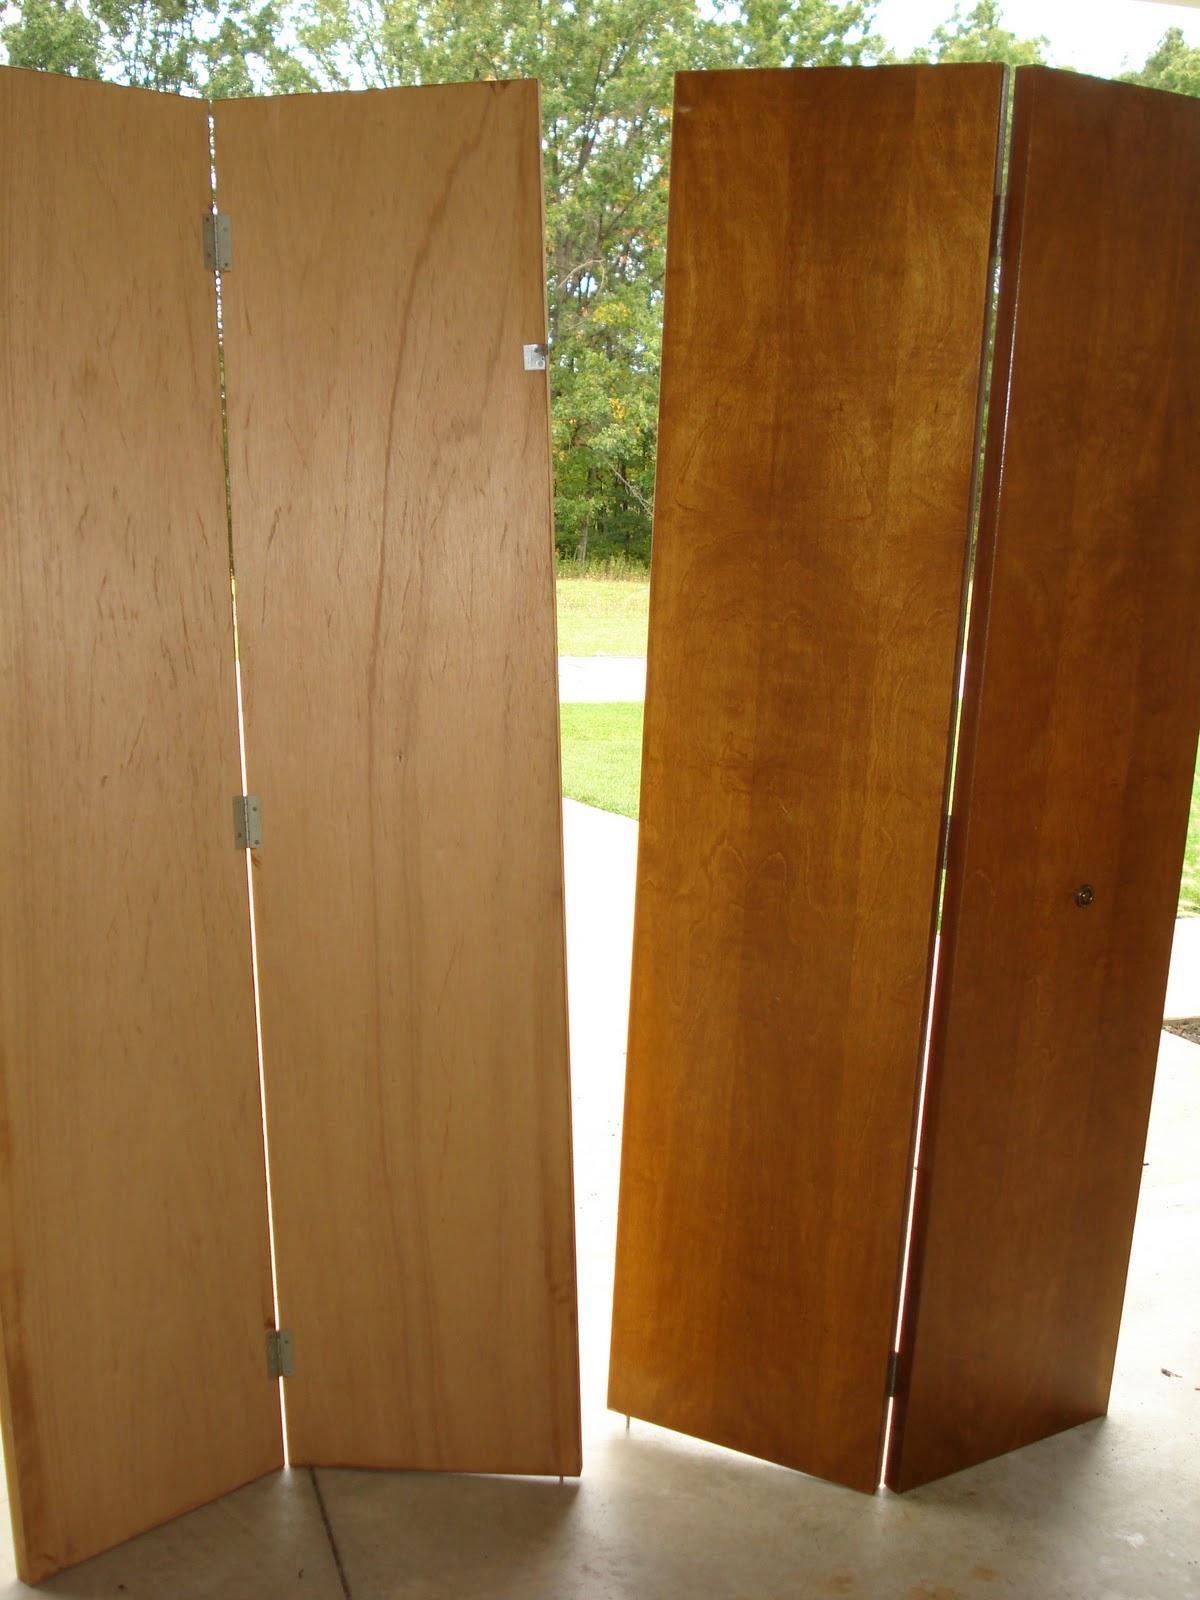 Rustchic Repurposed Closet Door Art